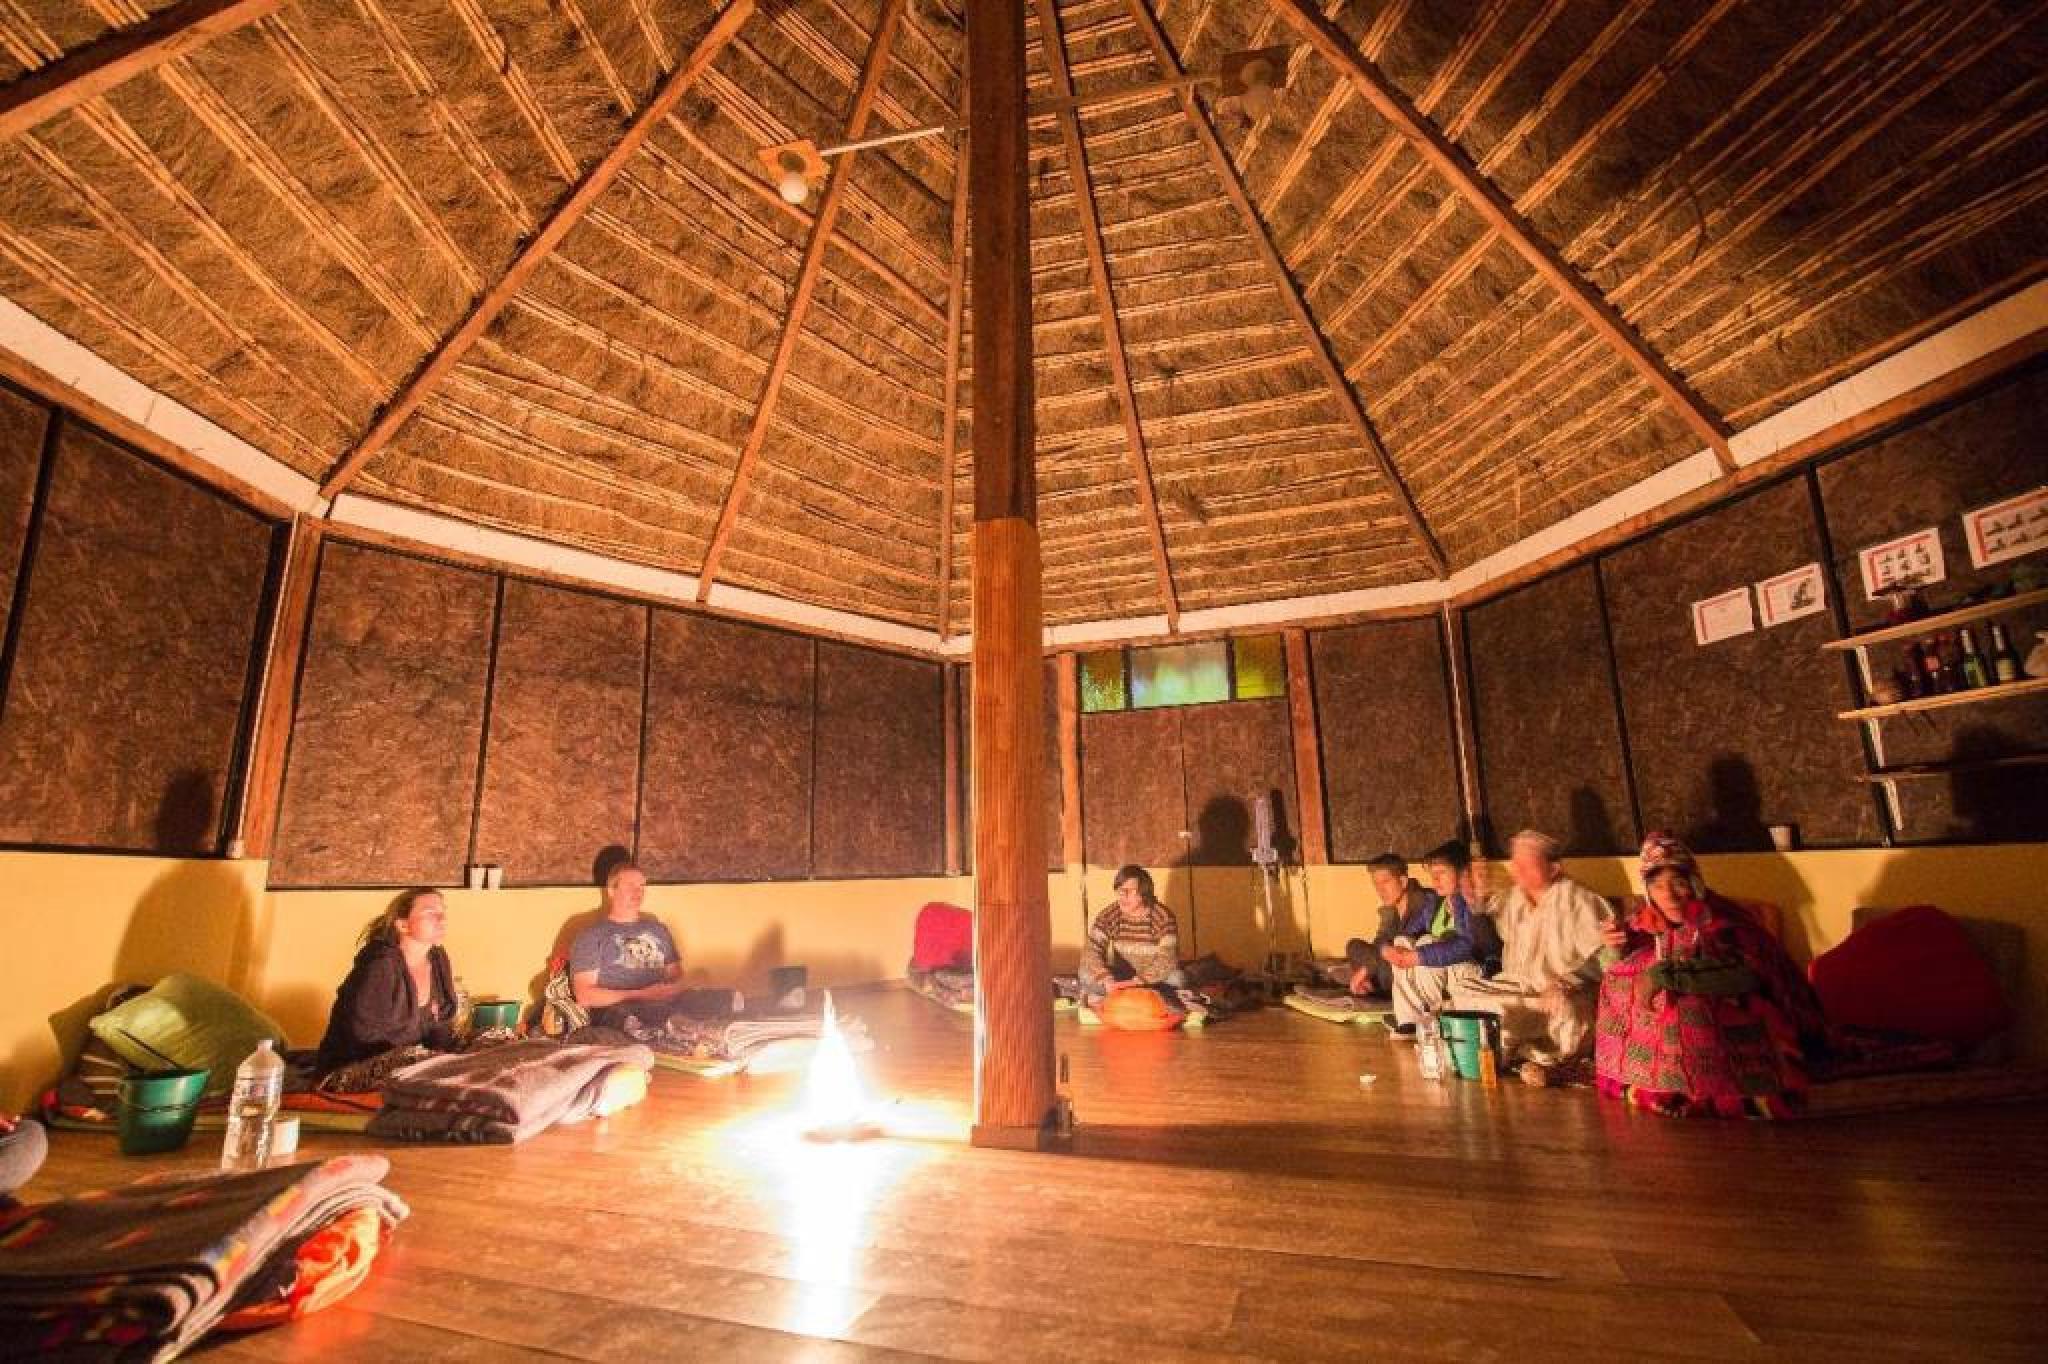 Ayahuasca healing retreats - 3 Days Program